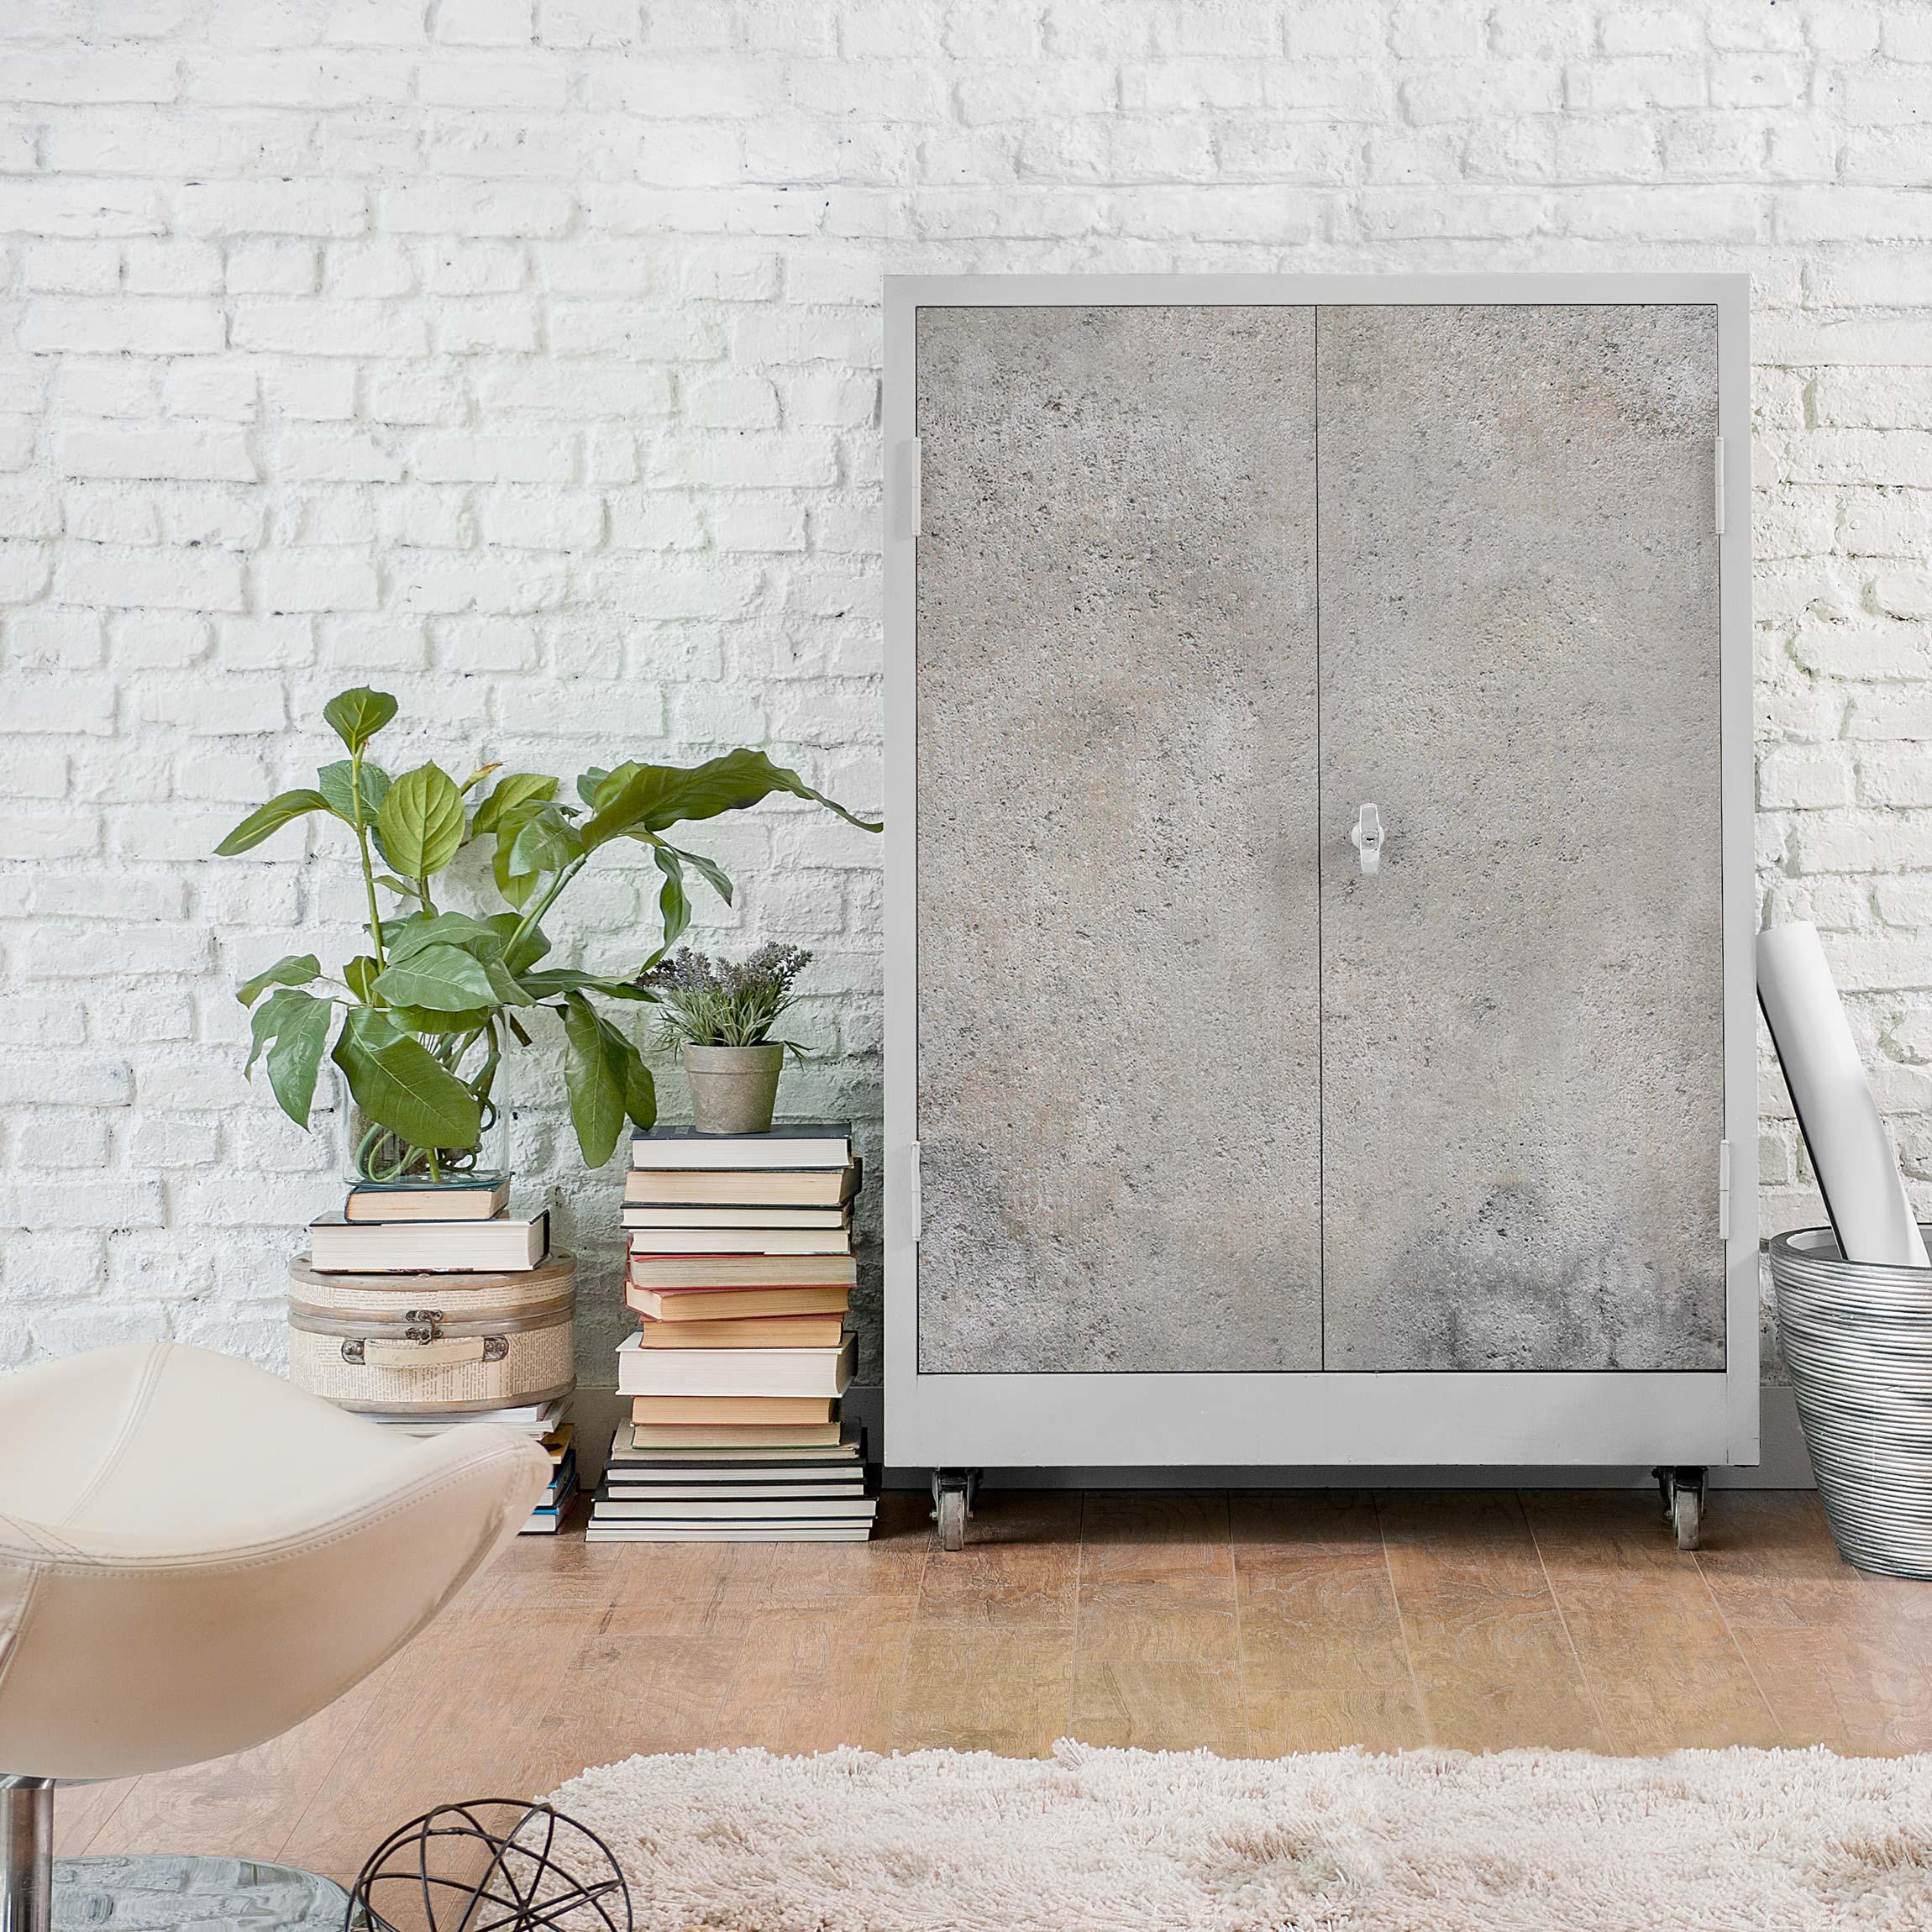 Klebefolie beton shabby betonoptik betonfolie - Klebefolie betonoptik ...